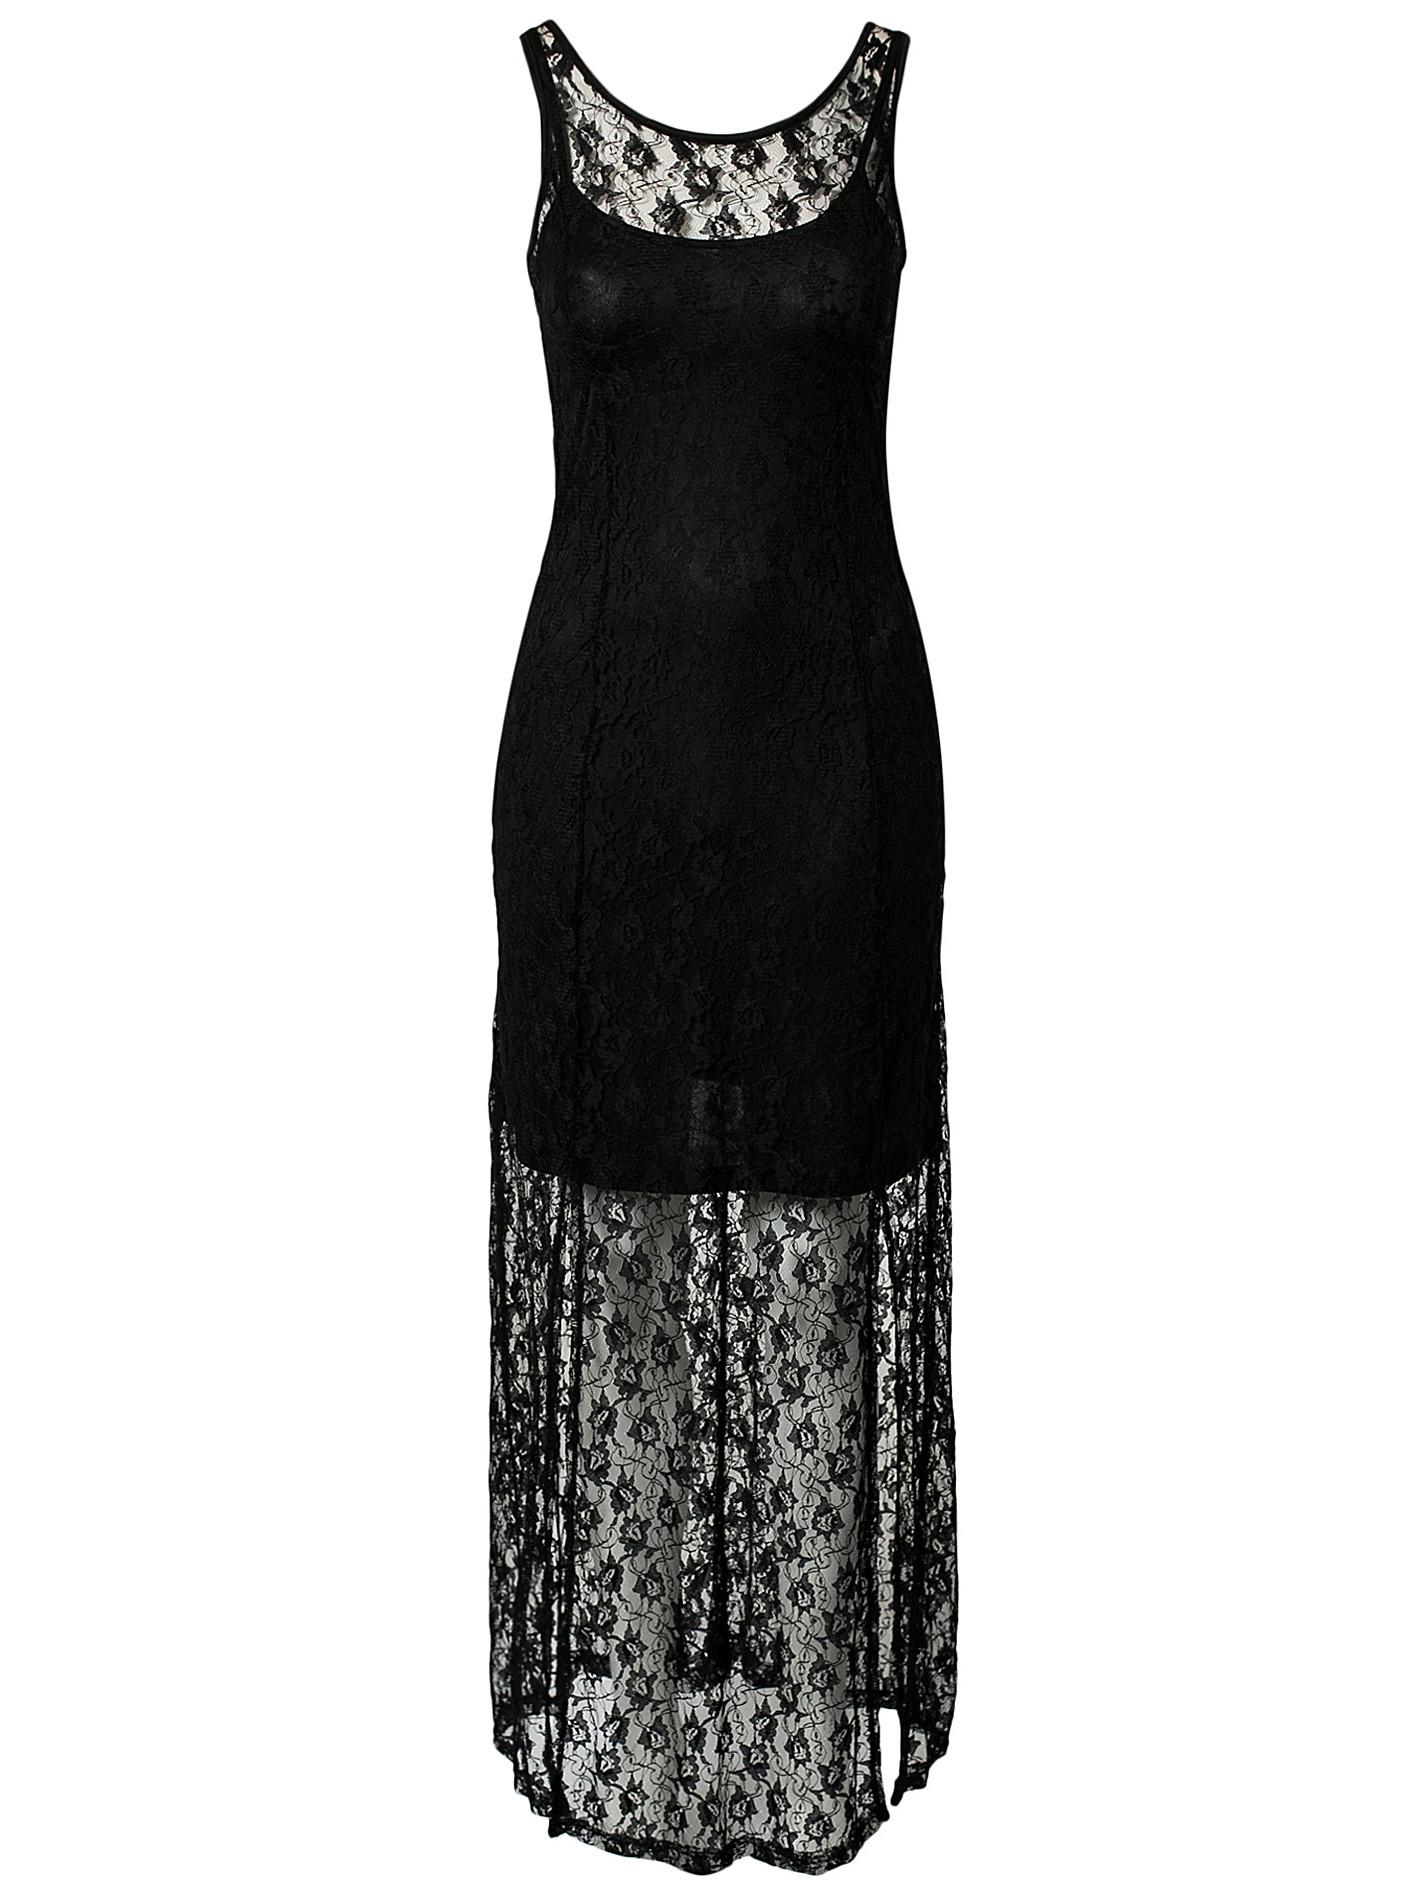 بالصور فساتين دانتيل طويله , اروع الفساتين الطويلة للبنات 1002 3